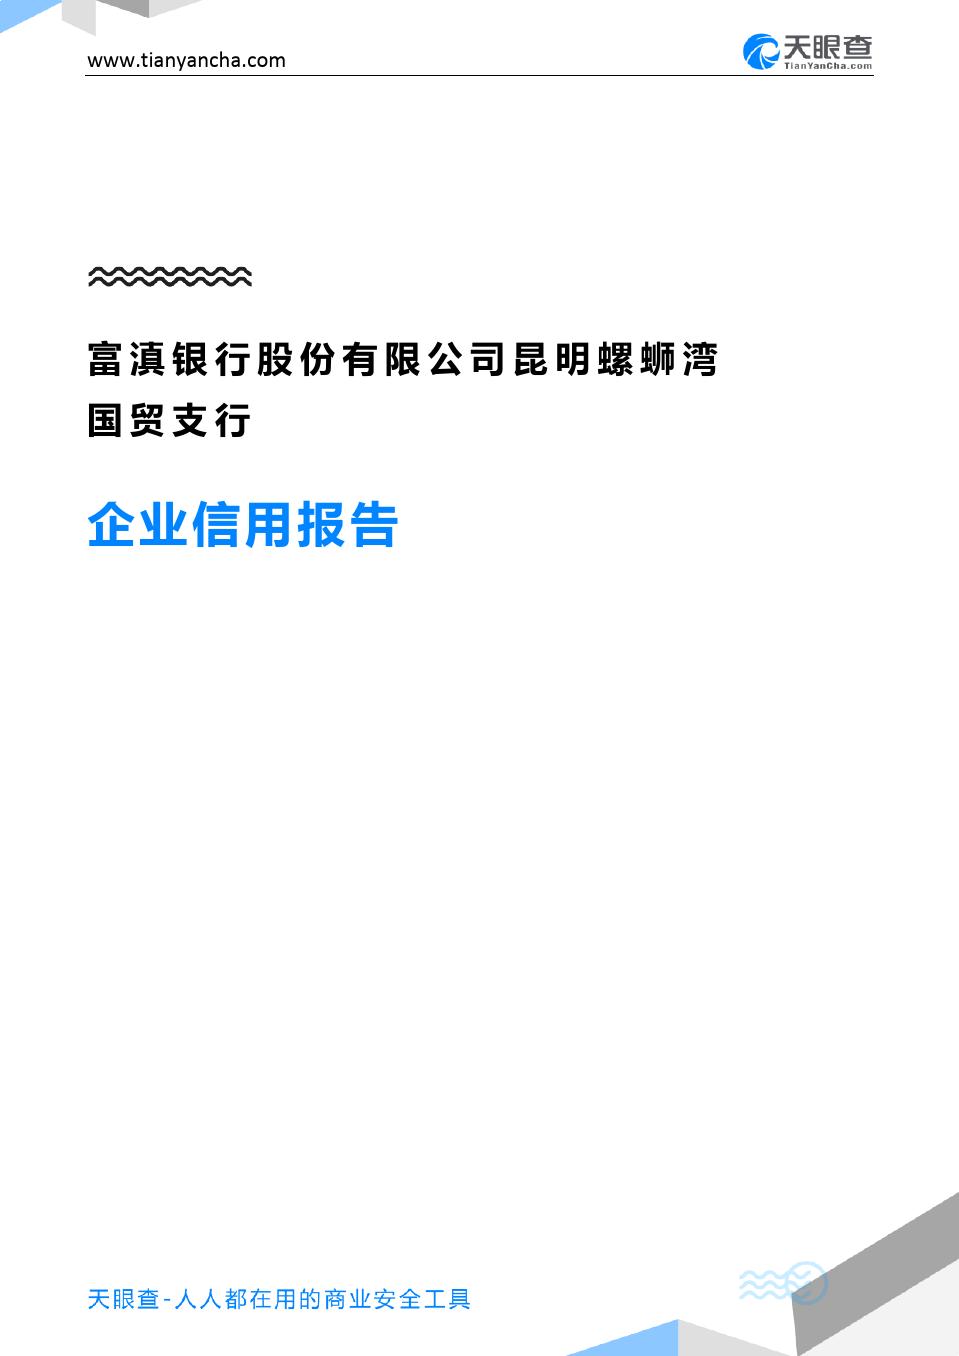 富滇银行股份有限公司昆明螺蛳湾国贸支行企业信用报告-天眼查